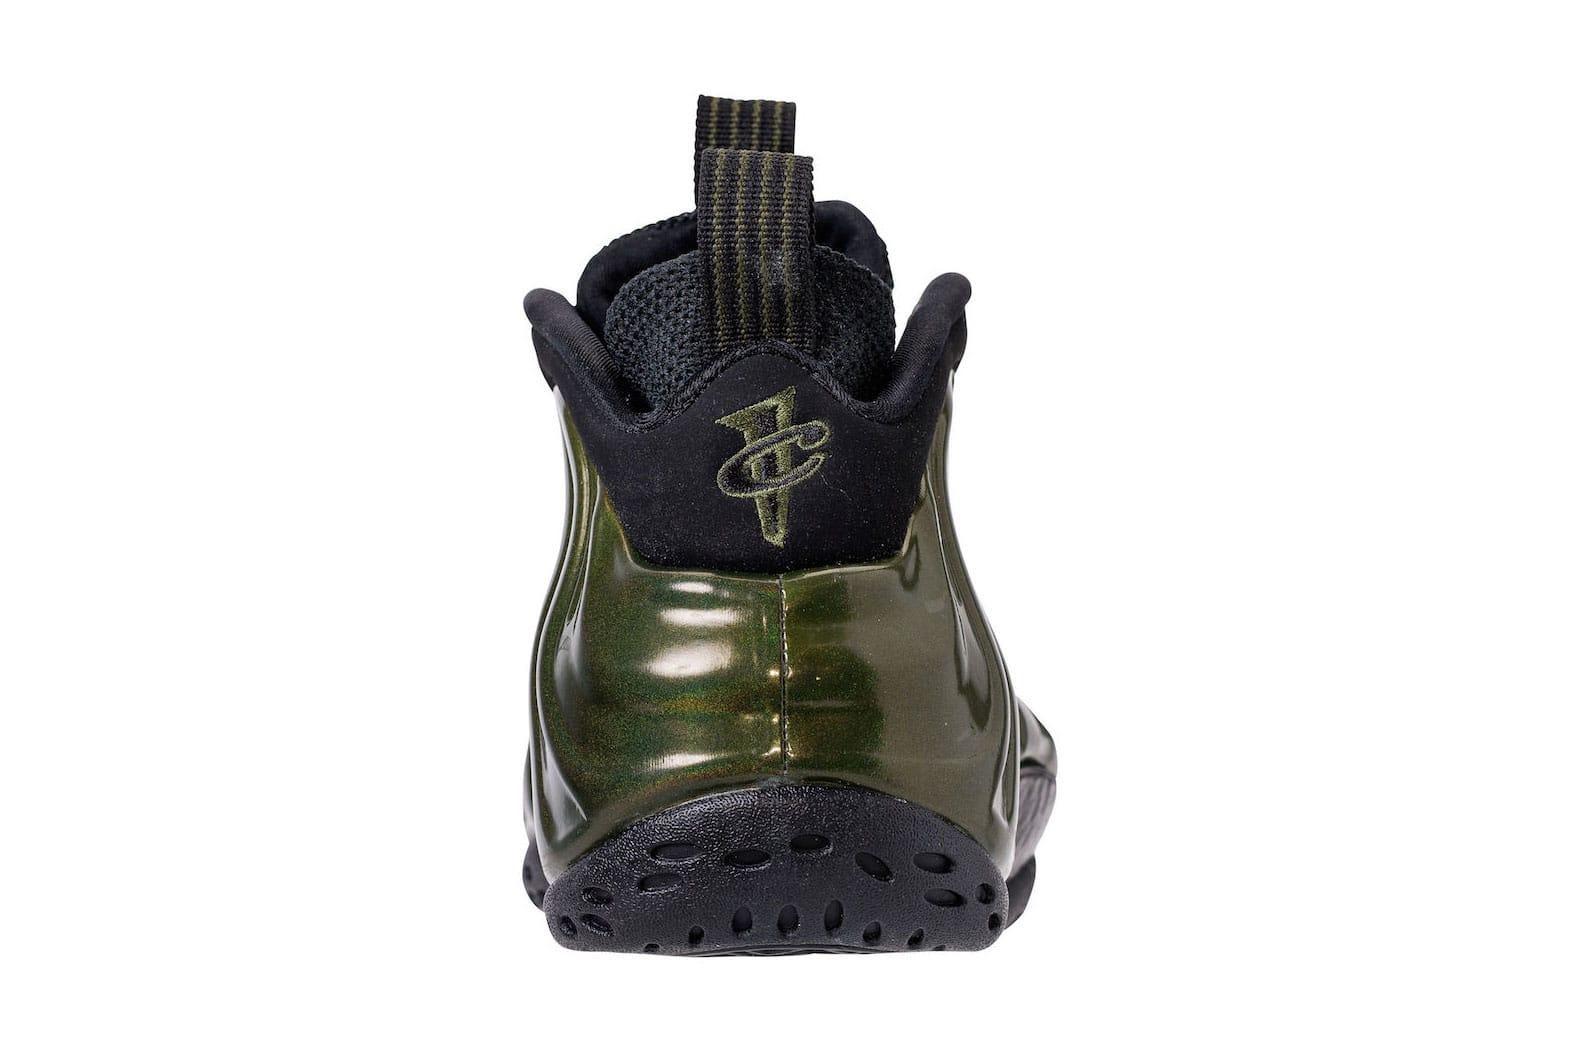 Nike Air Foamposite One Black Suede SampleWearTesters